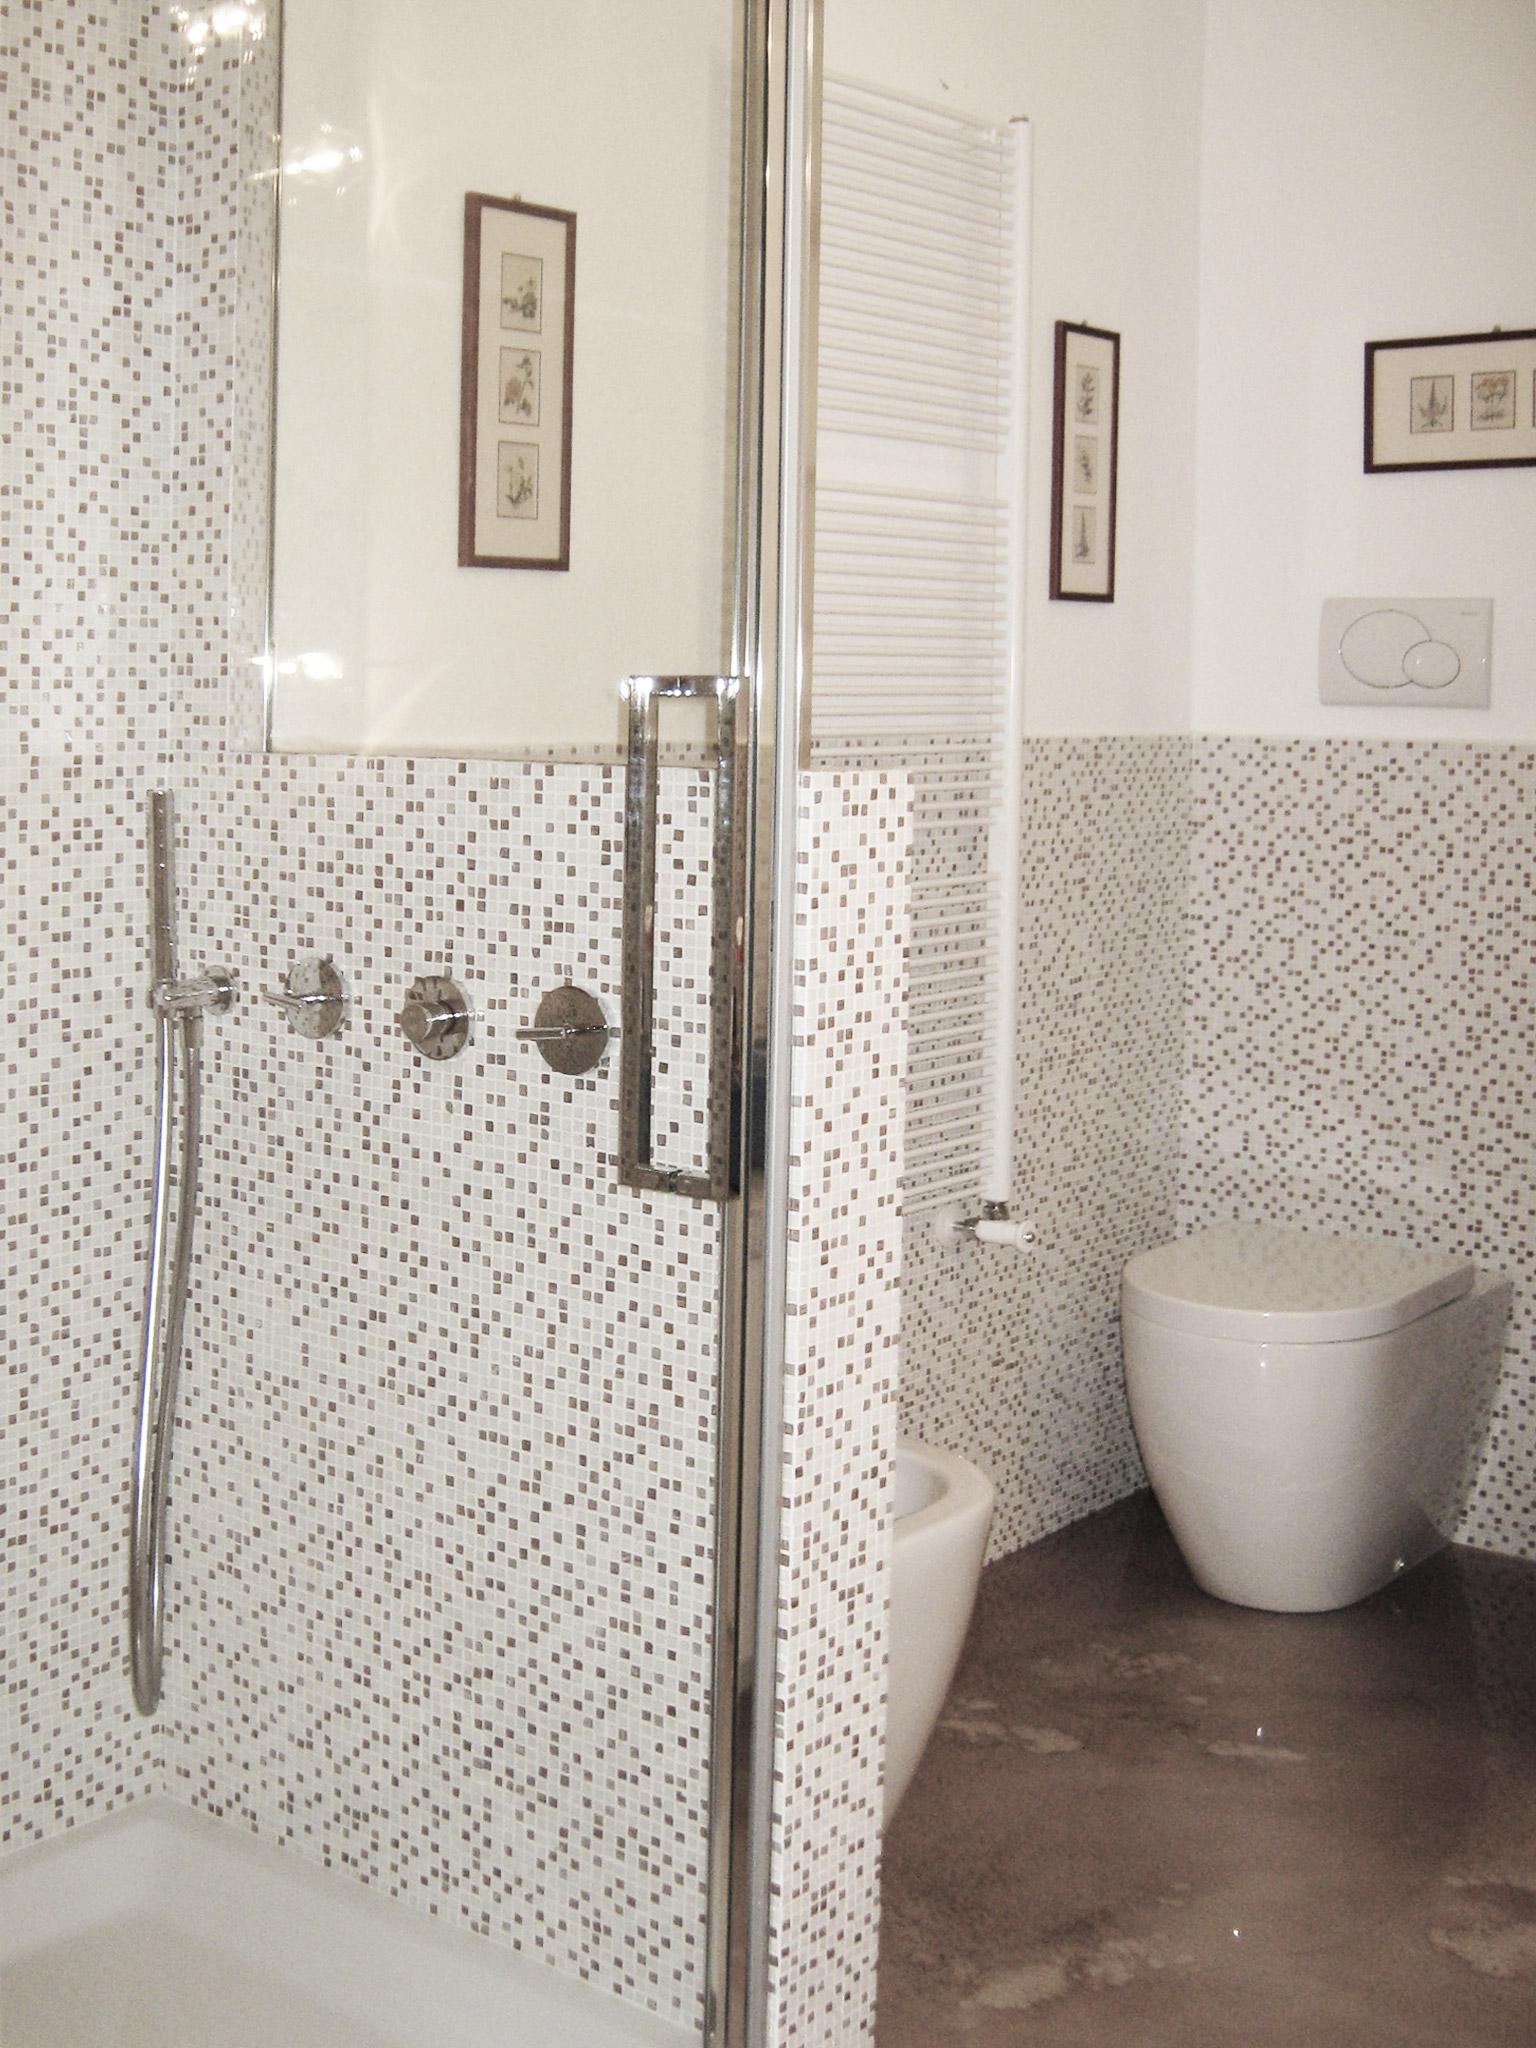 7. Sala da bagno con pavimento in resina Keracoll, rivestimento in tessere di mosaico vetroso Trend, sanitari Flaminia e rubinetteria Zazzeri: lavori ultimati.